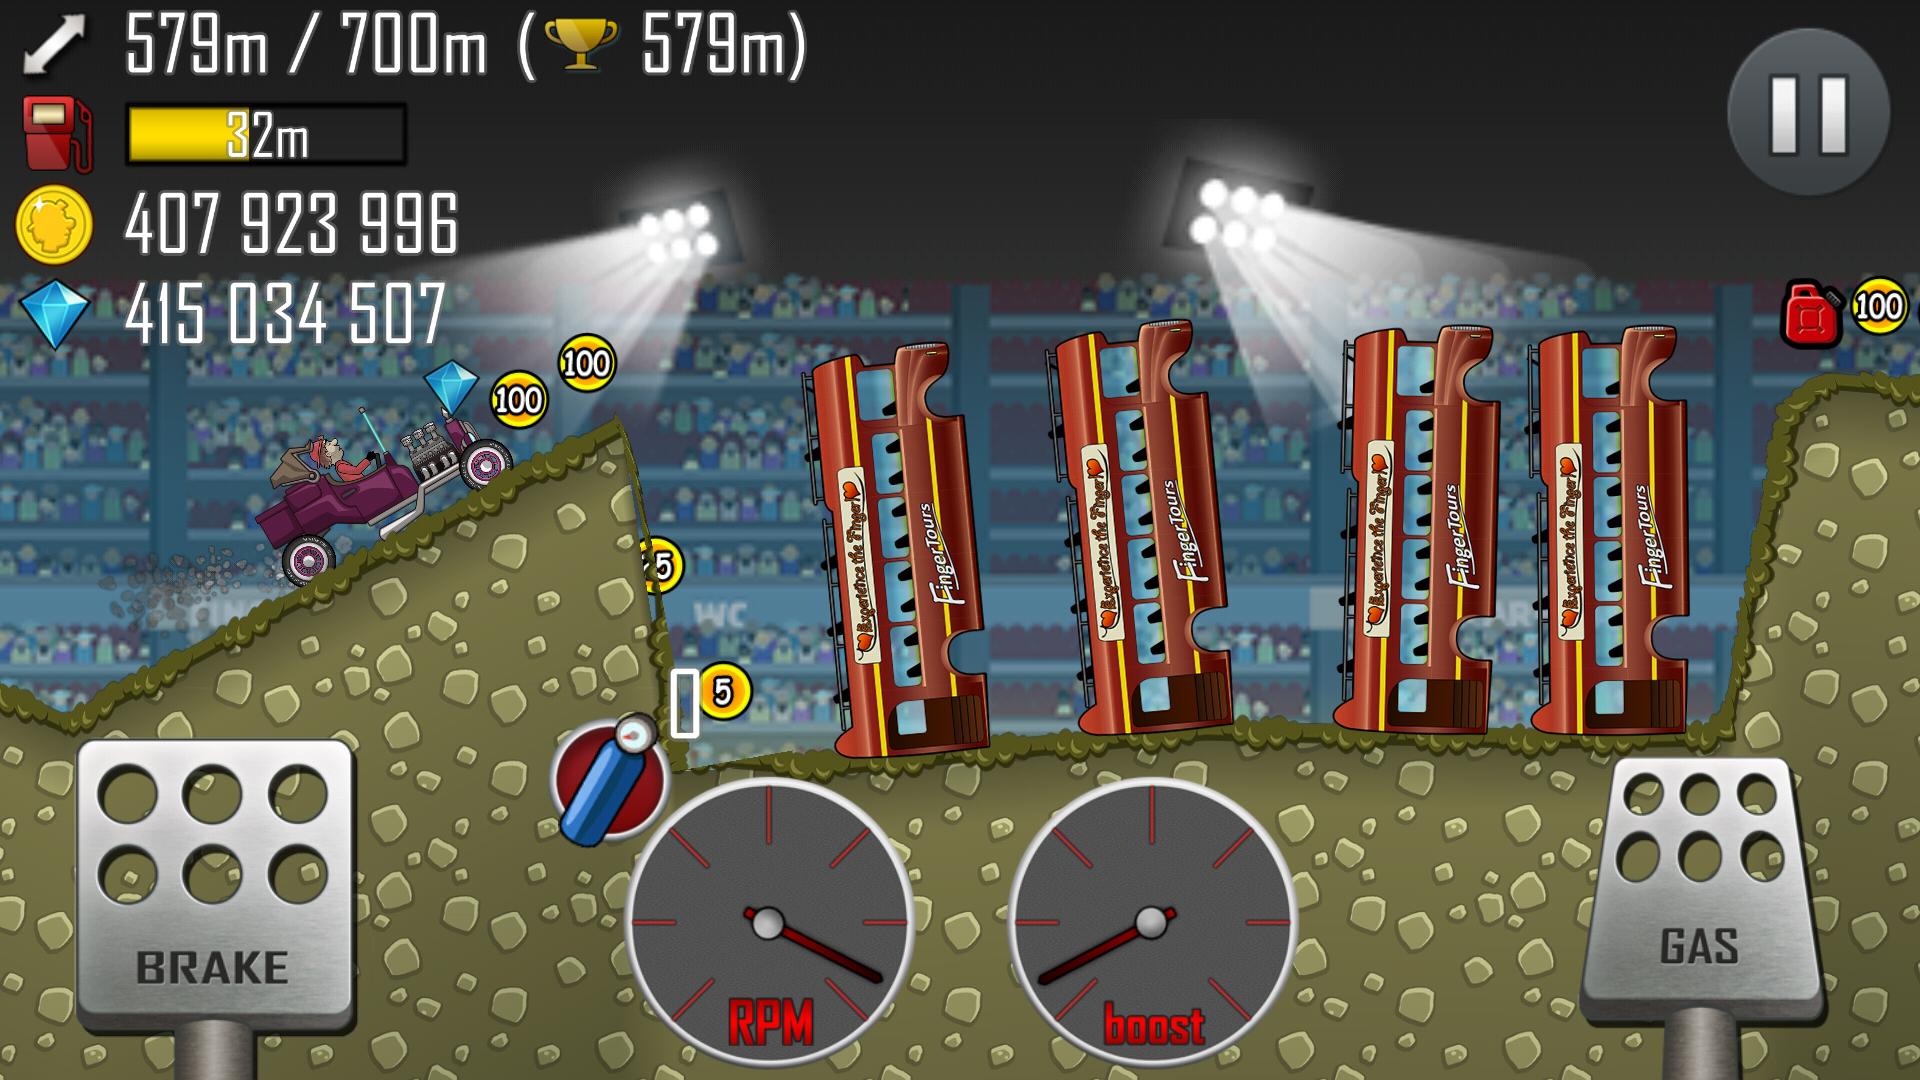 Скачать hill climb racing 2 на android, apk файл игры mob. Org.